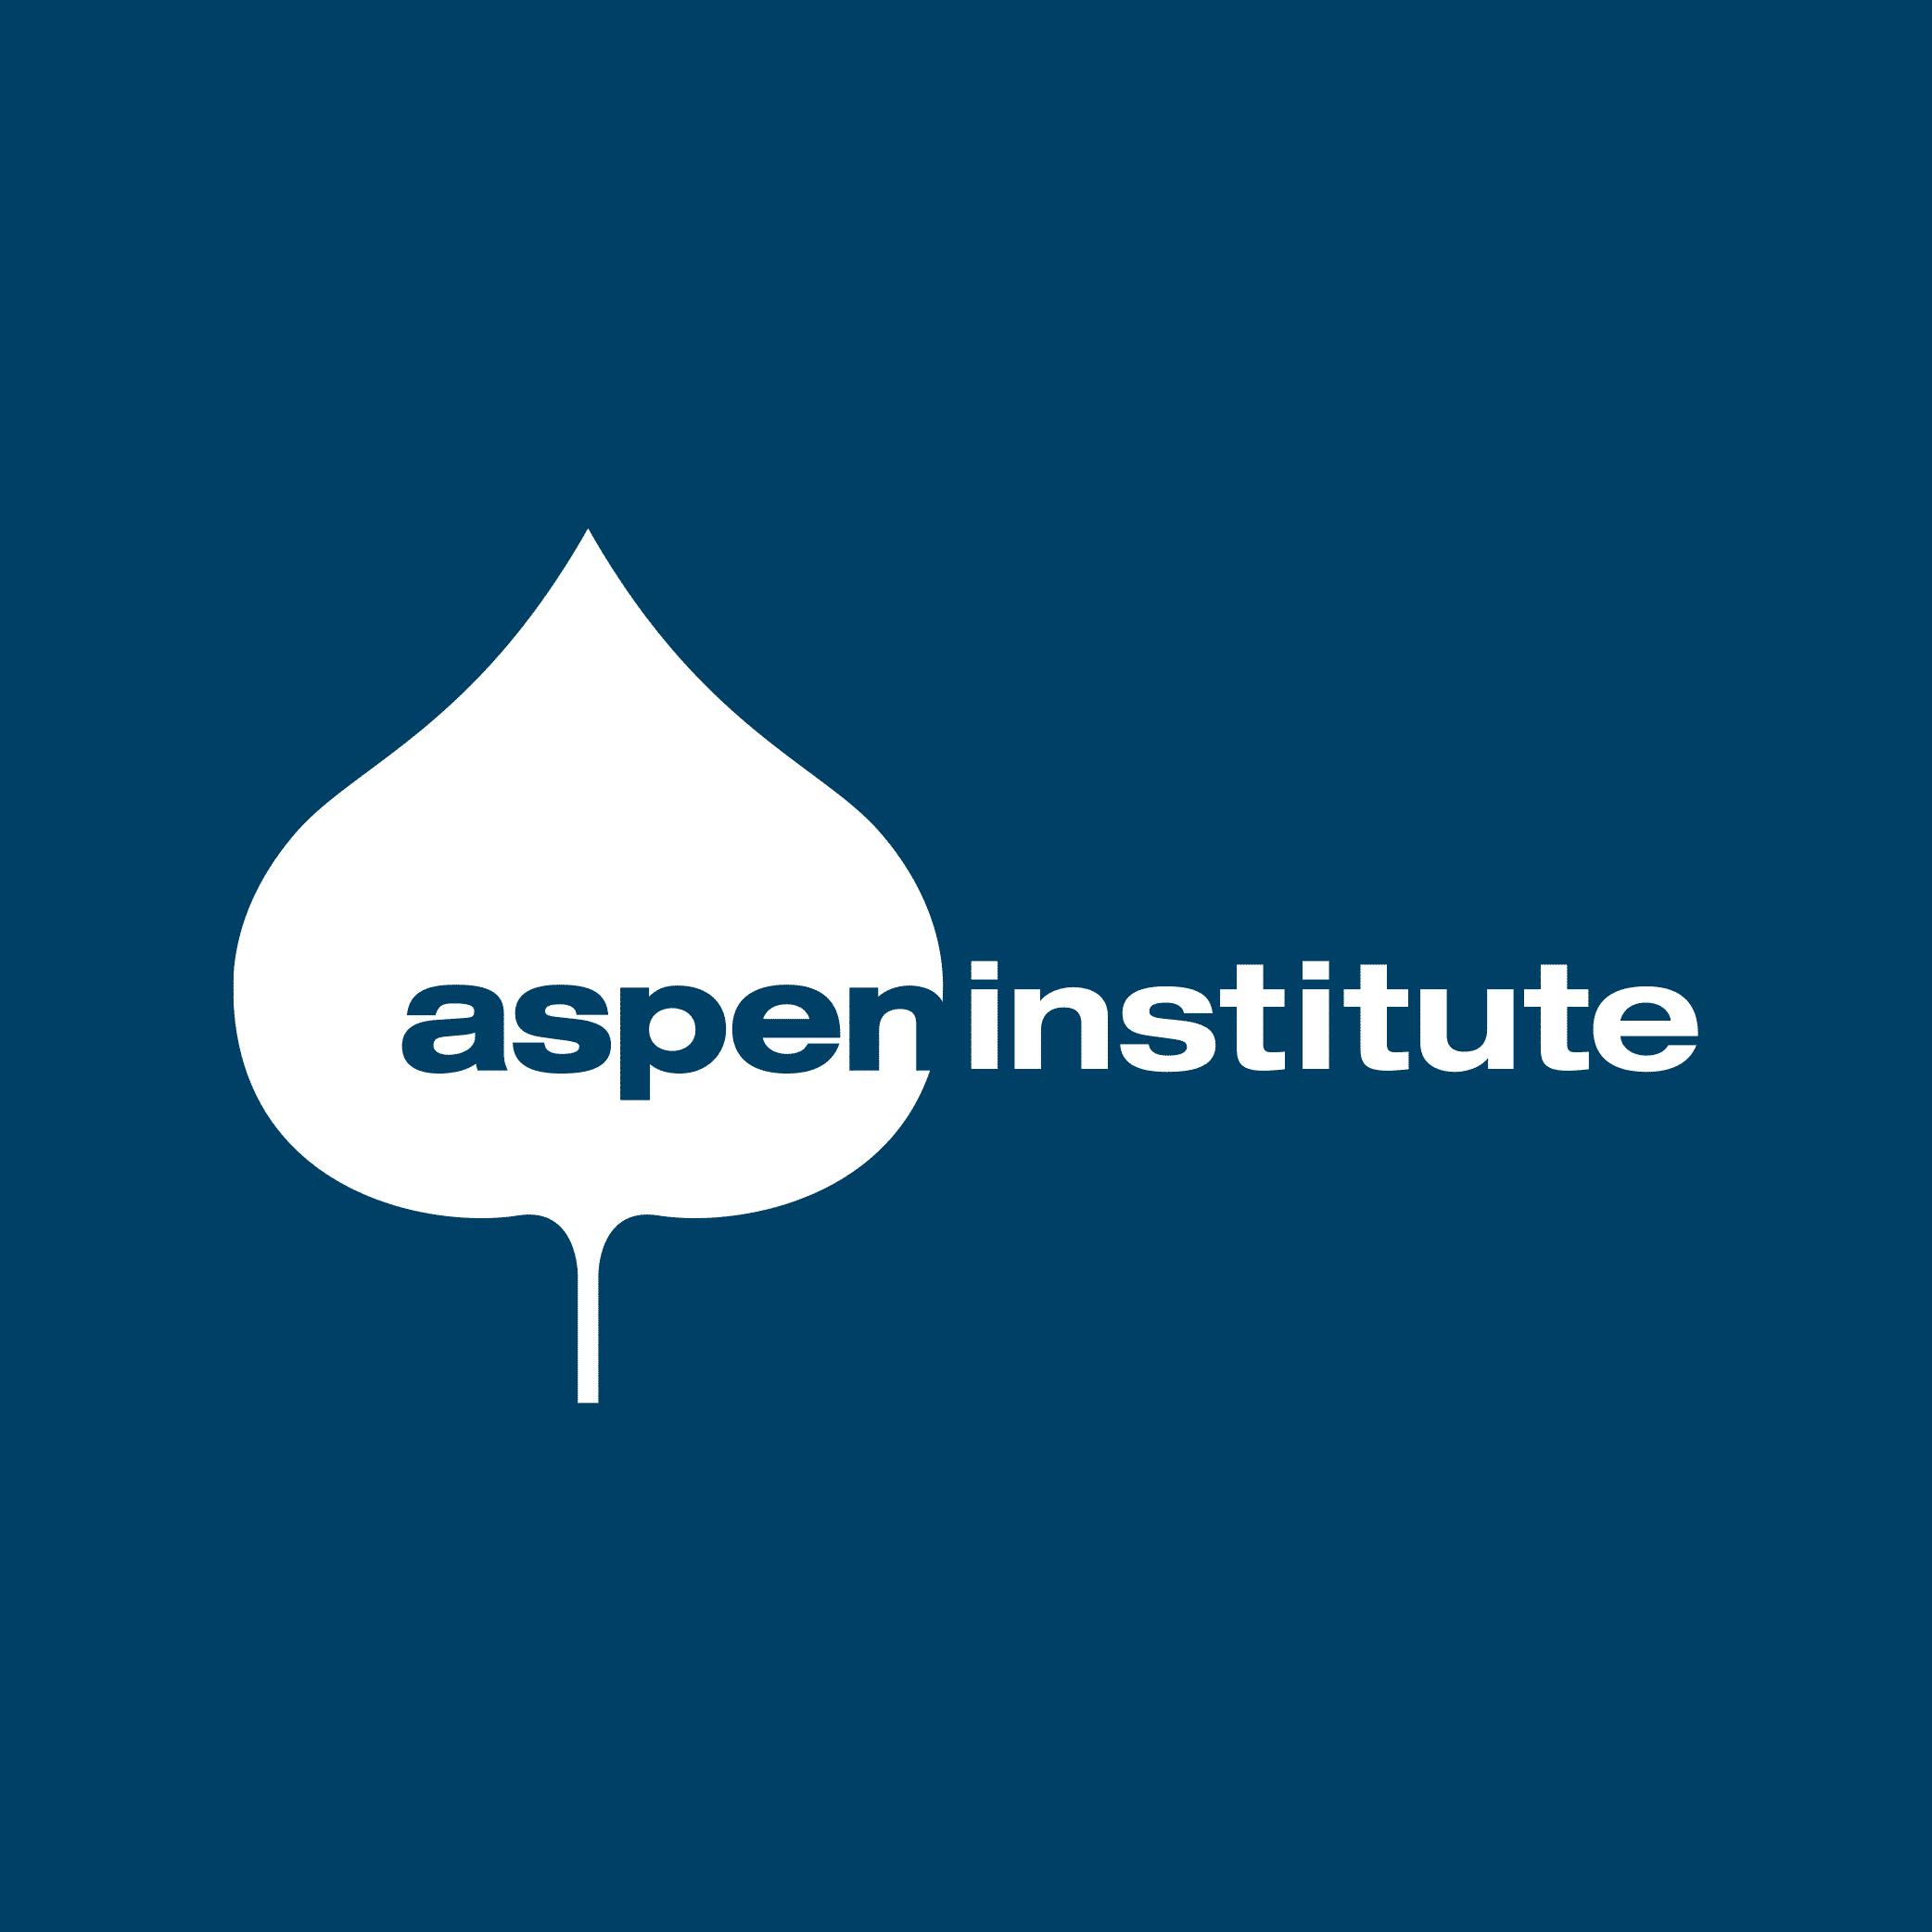 Aspen Institute square logo